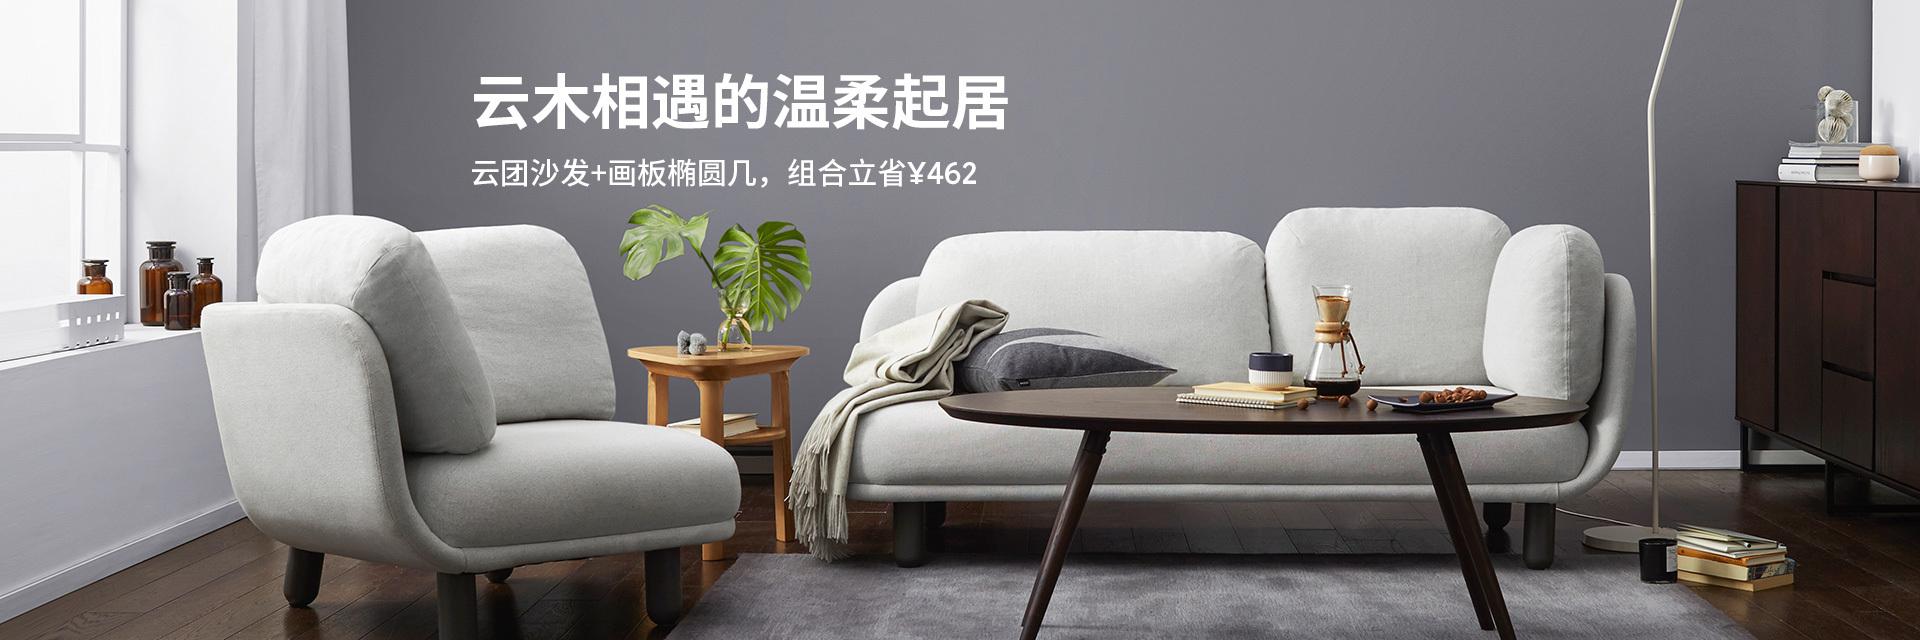 云团沙发+画板椭圆几,组合立省¥462